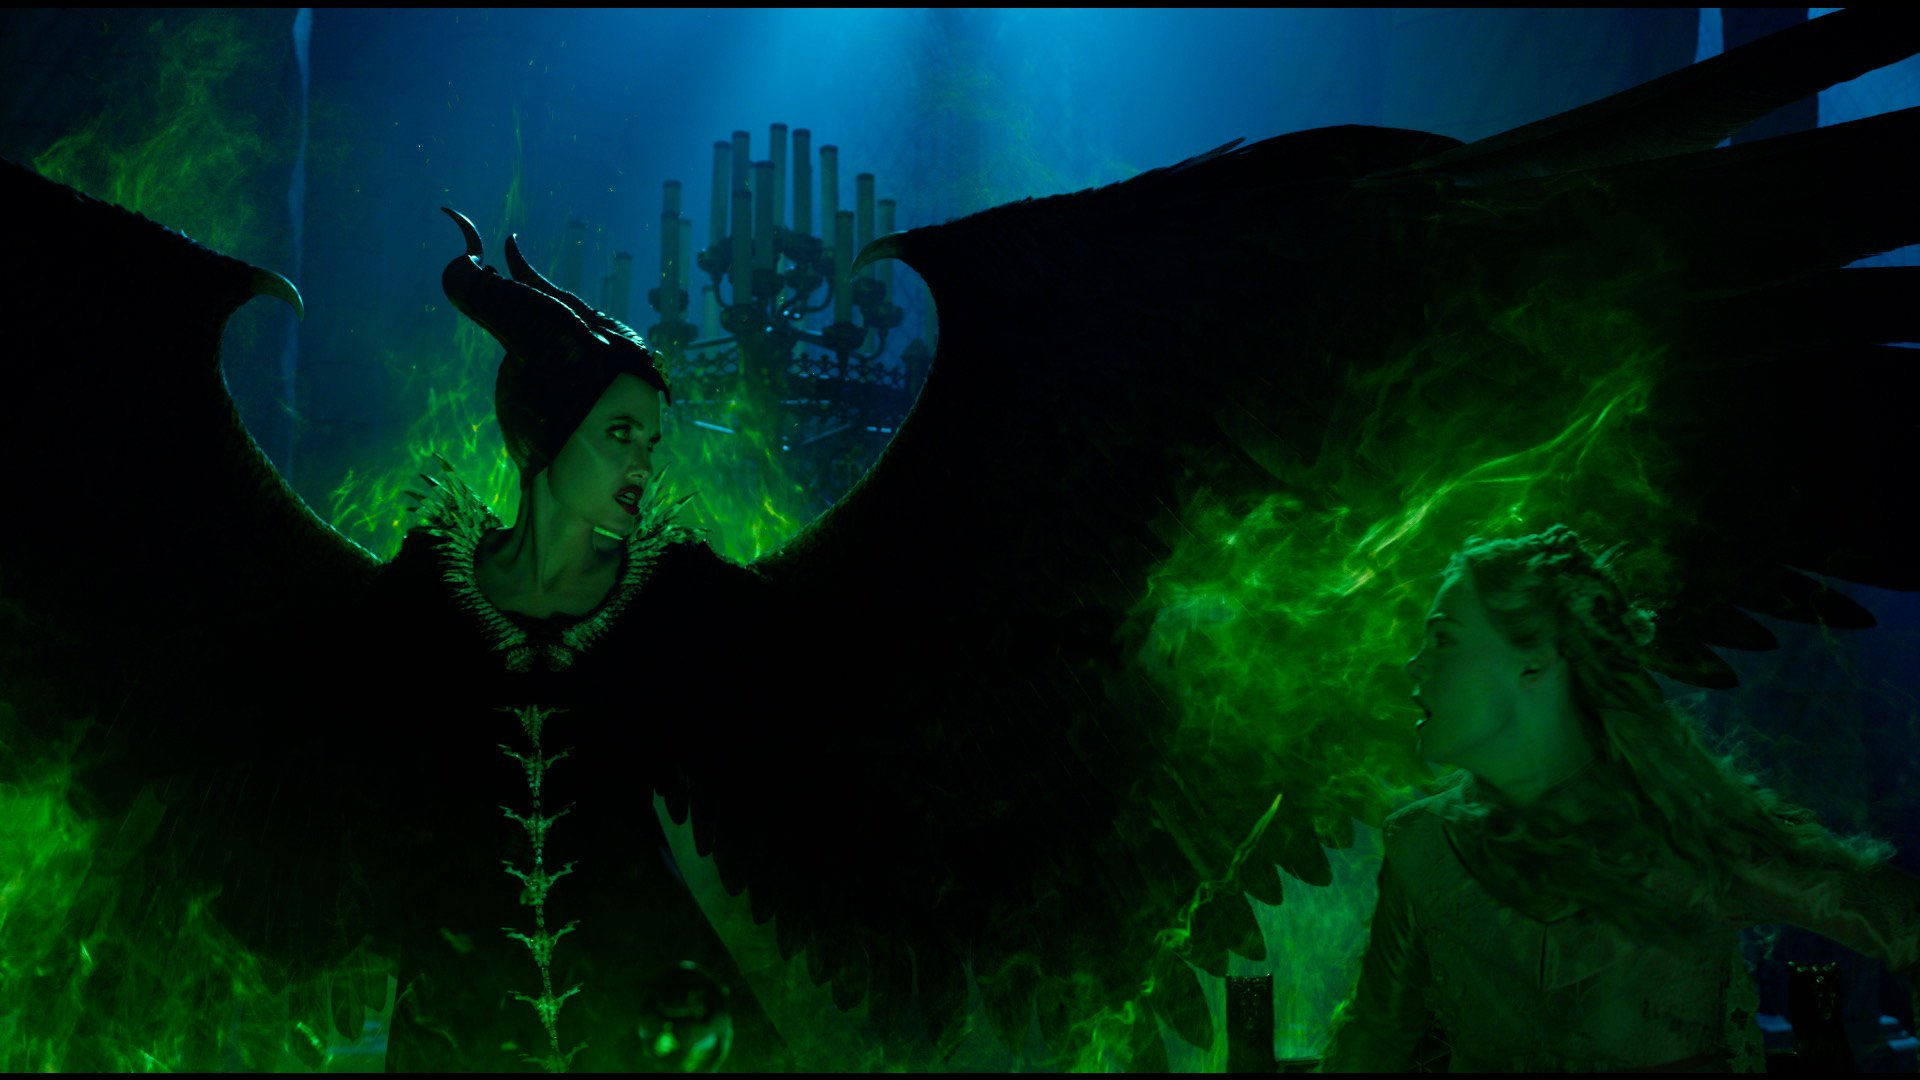 Анджелина Джоли возвращается как Владычица Тьмы в первом трейлере фильма «Малефисента 2»